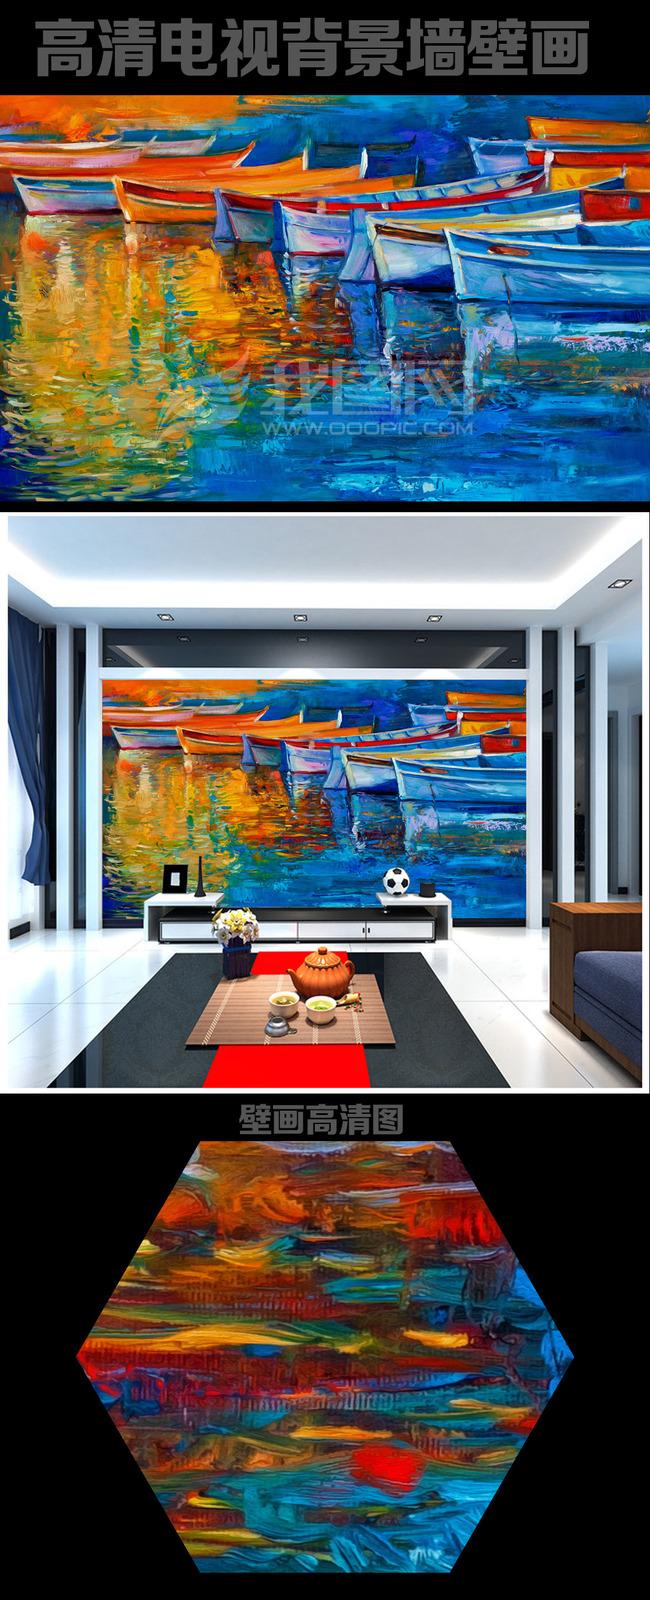 手绘宁静的港湾油画小船电视背景墙